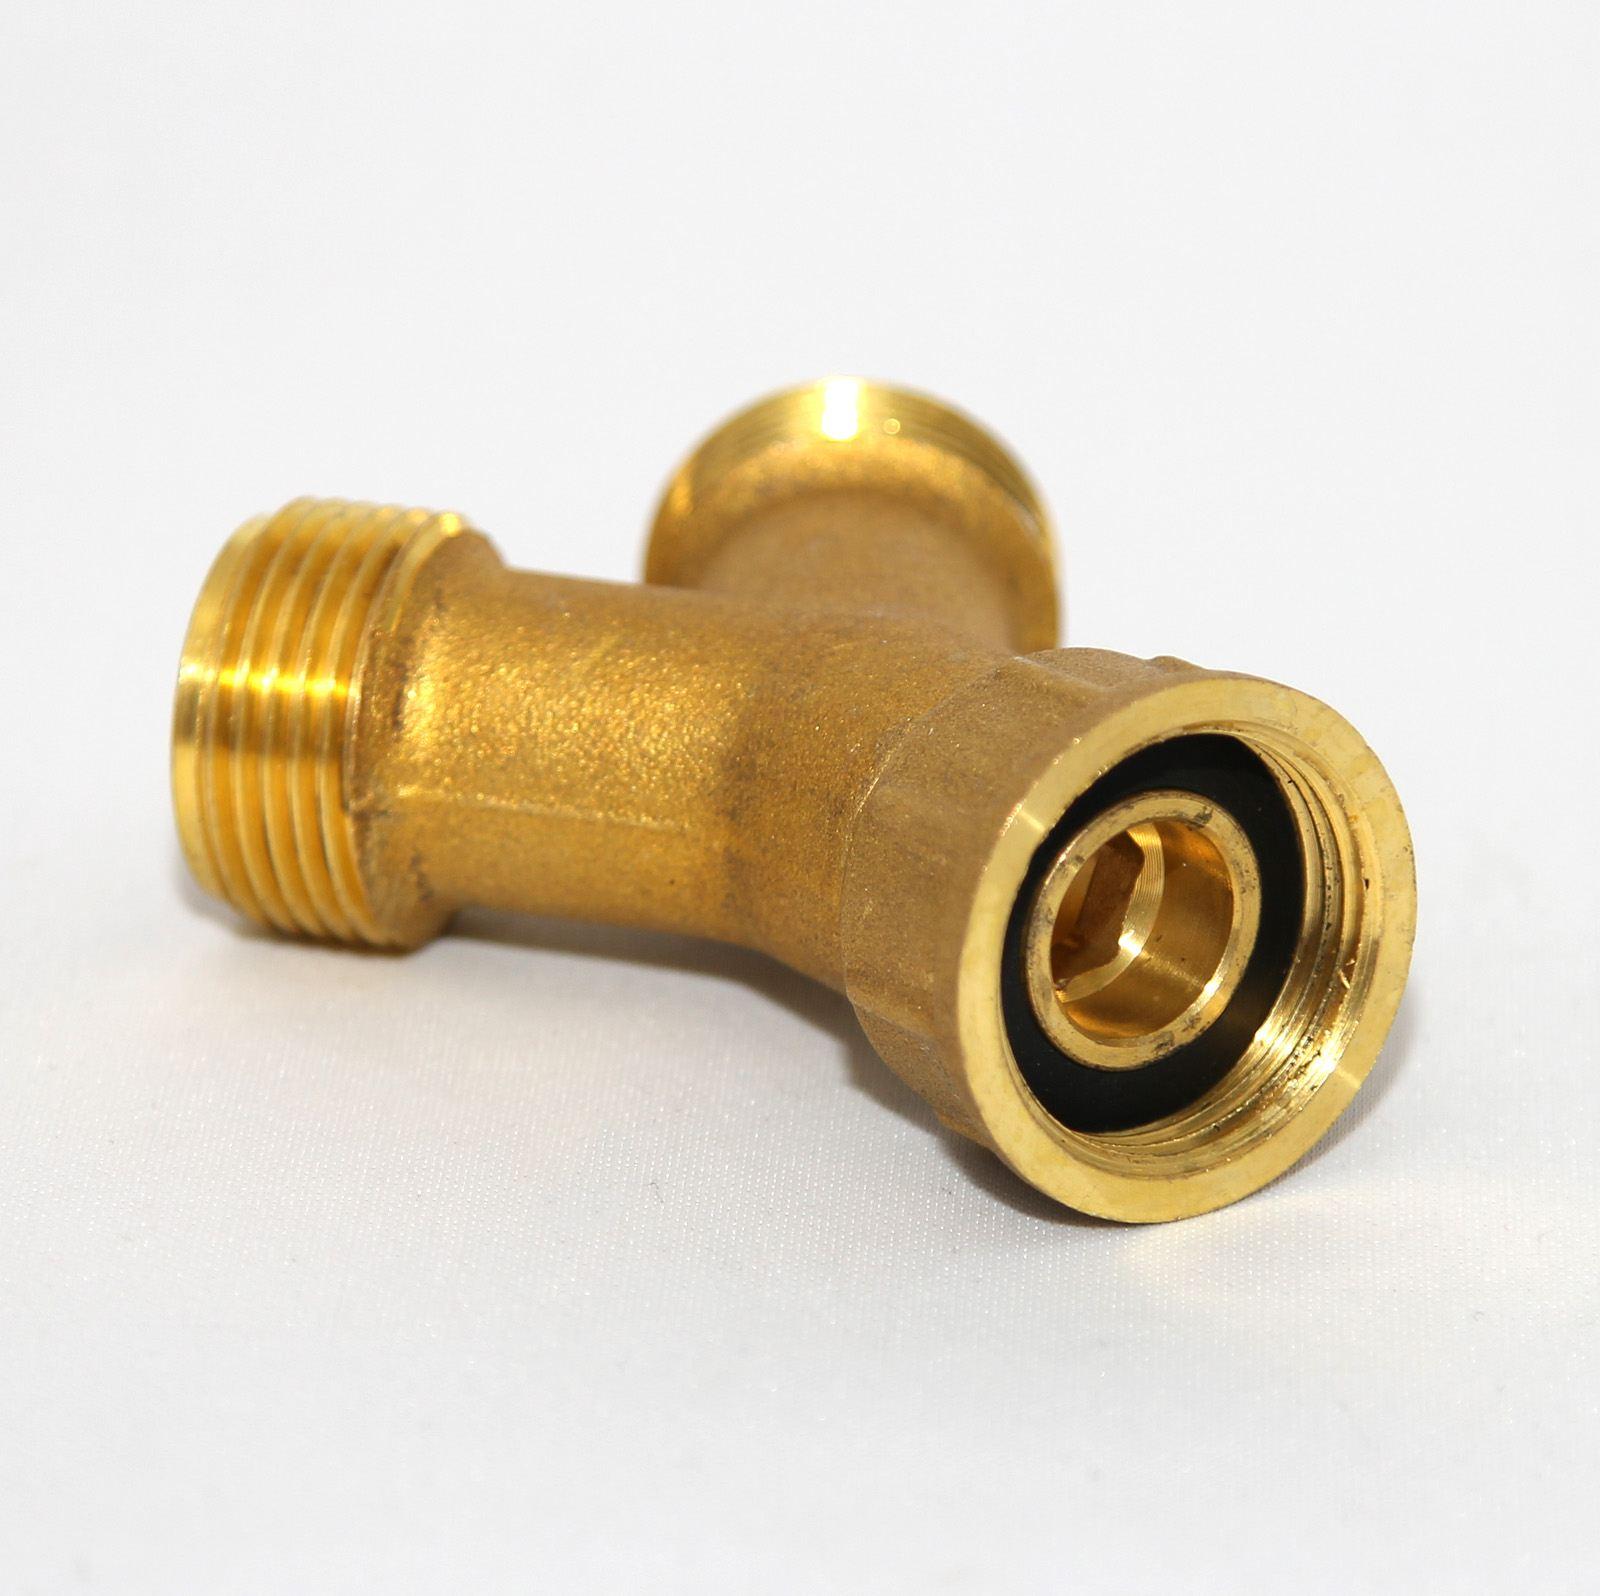 Union Type 3//4 Inch BSP Brass Washing Machine Y Piece 2 Way Splitter